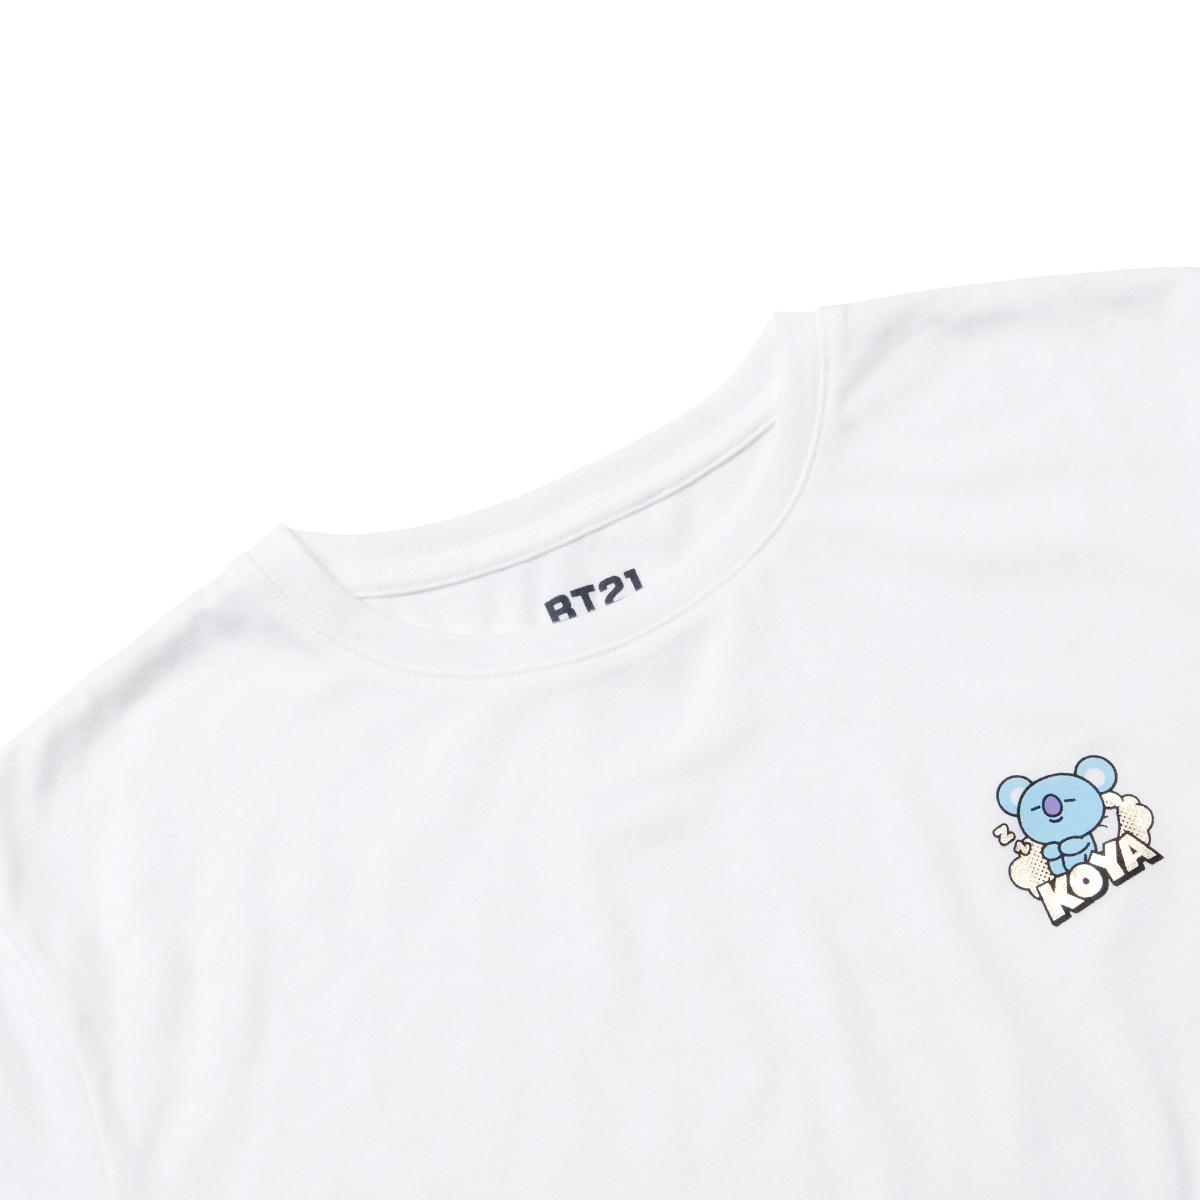 BT21 KOYA 코믹팝 파자마 세트